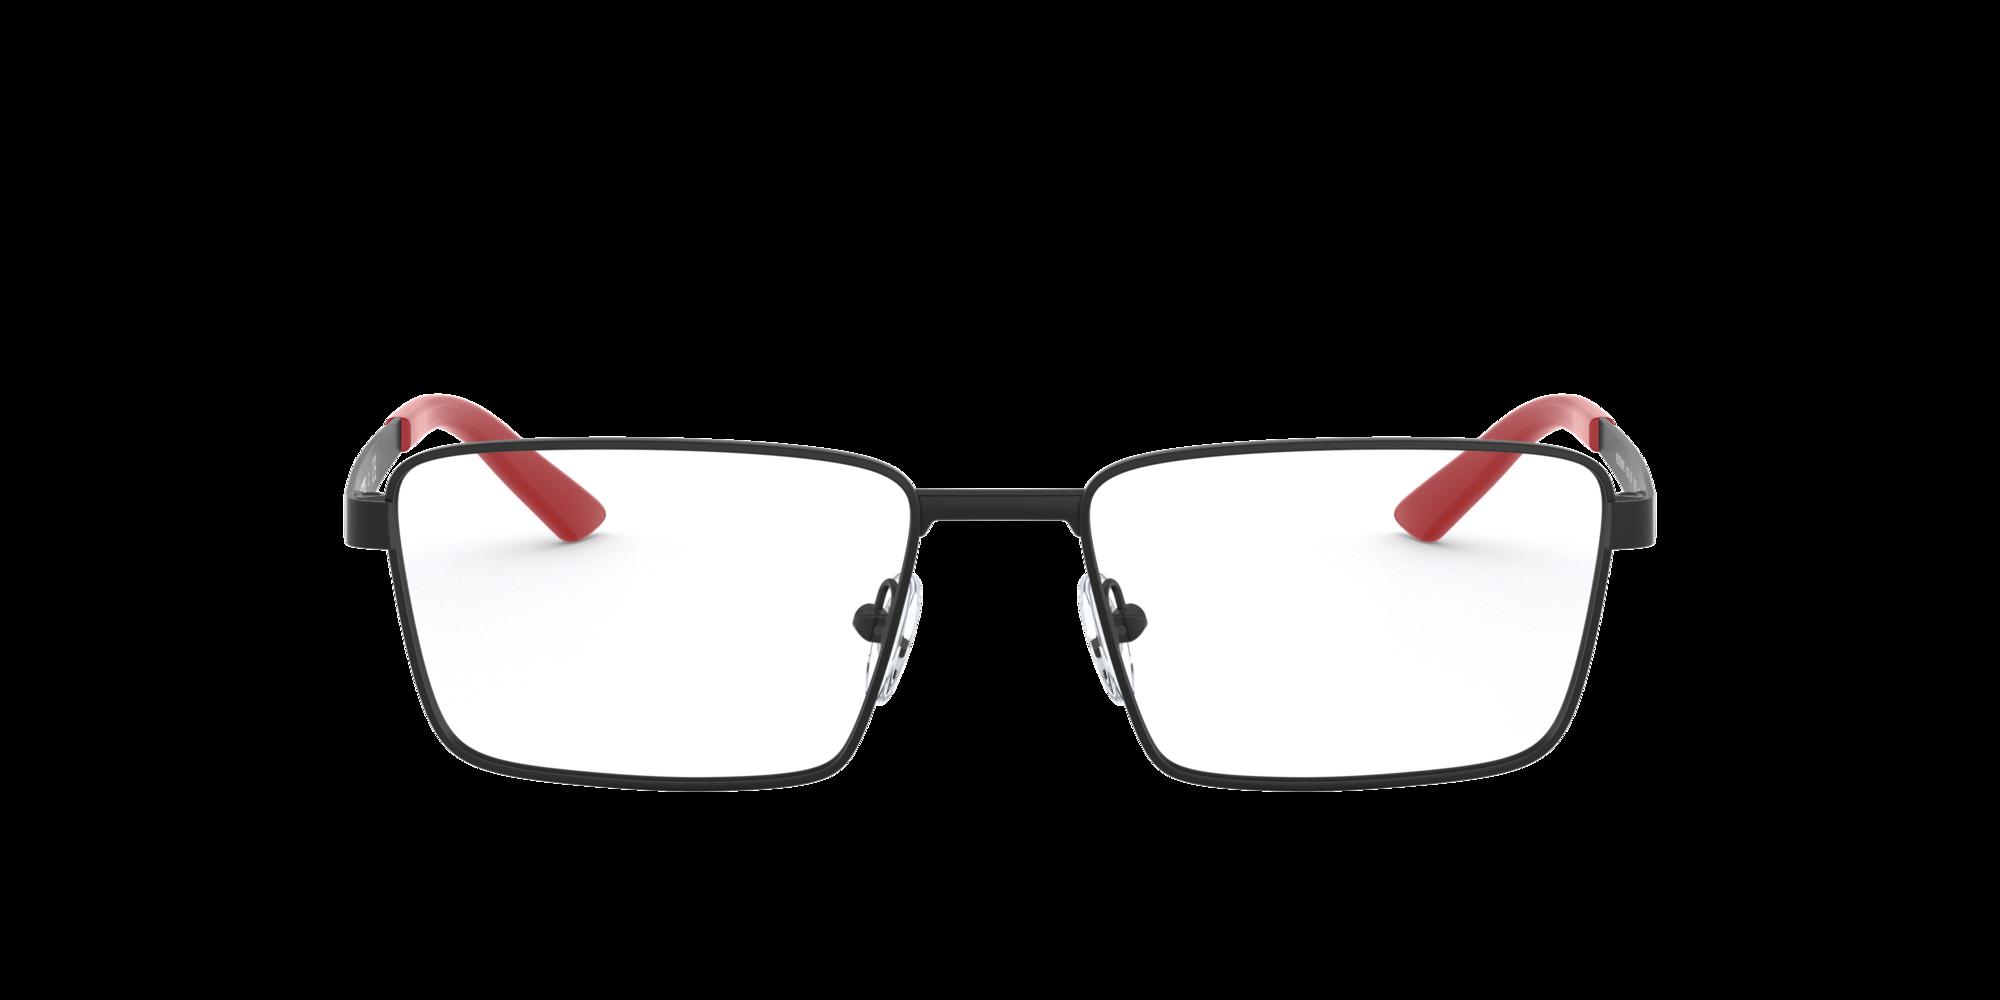 Imagen para AN6123 de LensCrafters    Espejuelos, espejuelos graduados en línea, gafas